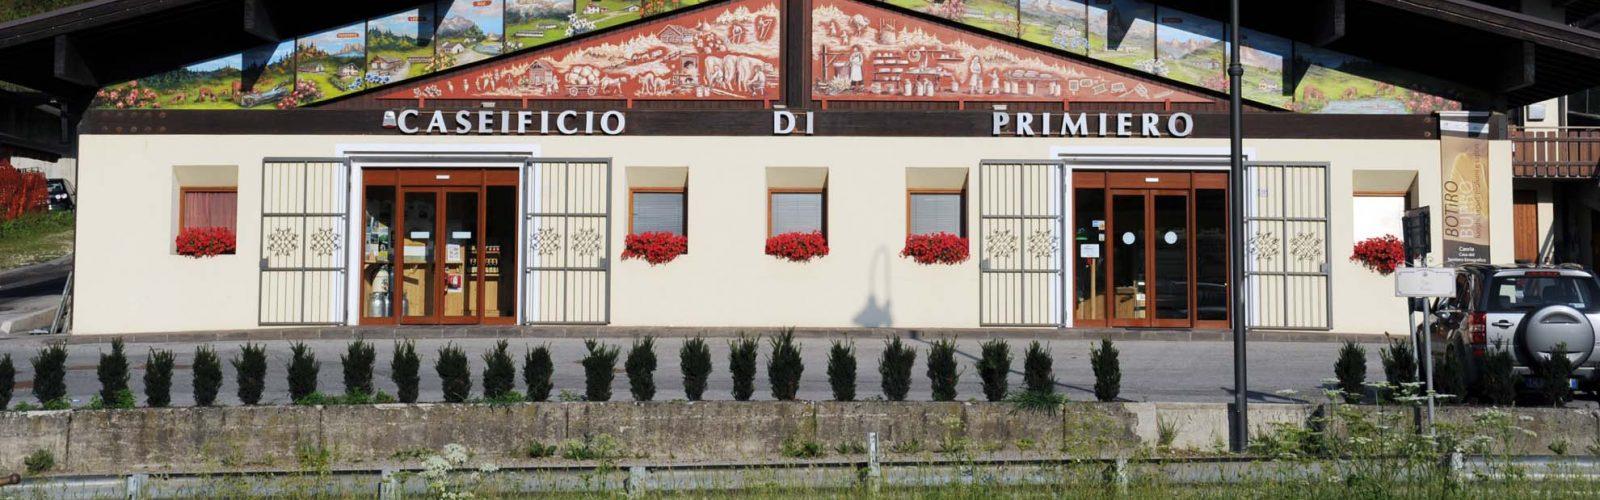 Caseificio Sociale di Primiero